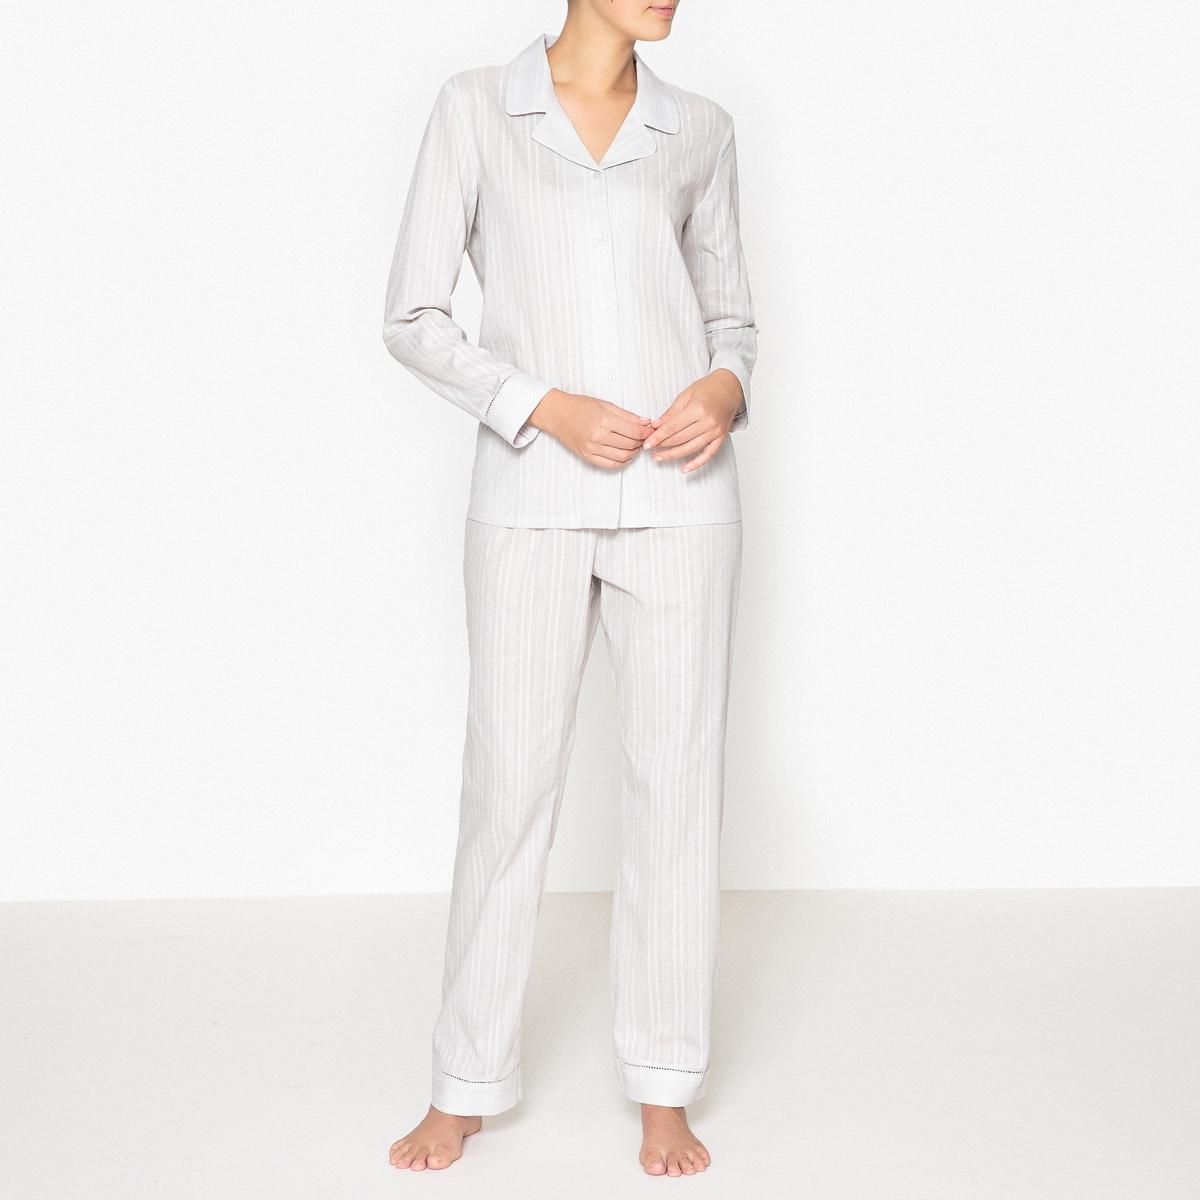 Пижама из 2 предметов в винтажном стилеОписание:Красивая пижама в полоску в винтажном стиле. Комфортная, стильная и очаровательная пижама.  Состав и описаниеПижама из 2 предметов.Прямой покрой, брюки с эластичным поясом и карманами.Материал : 100% хлопок. Длина: Верх : 68 см. По внутреннему шву: 76 смУход :Машинная стирка при 30 °С с вещами схожих цветов.Стирка и глажка с изнаночной стороны.Машинная сушка запрещена.<br><br>Цвет: светло-серый в полоску